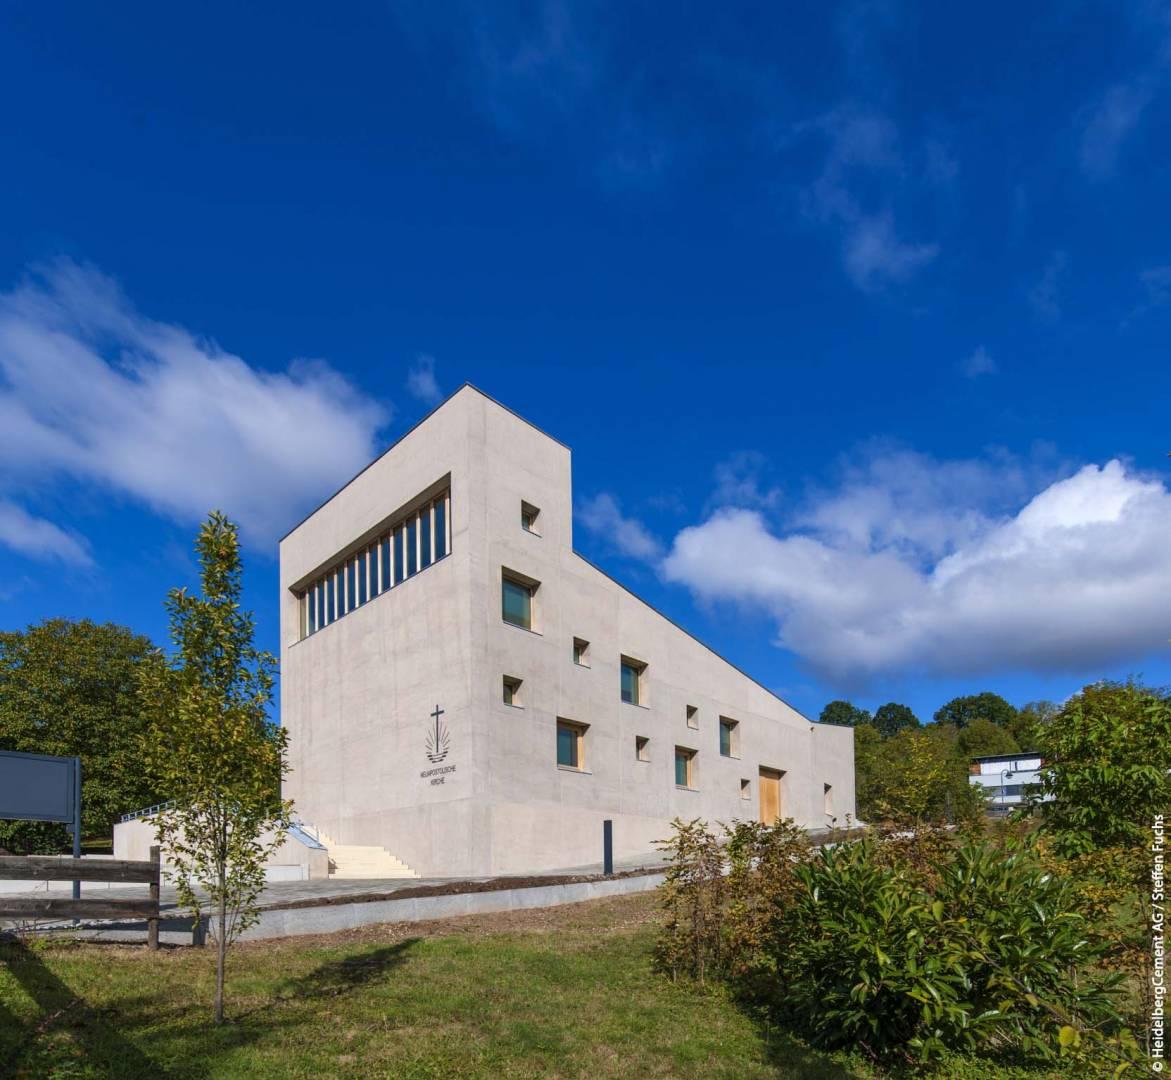 Der bemerkenswerte Kirchenbau sitzt am Rand eines Grünzugs und grenzt an Obstbaumwiesen. Bildquelle: HeidelbergCement AG / Steffen Fuchs